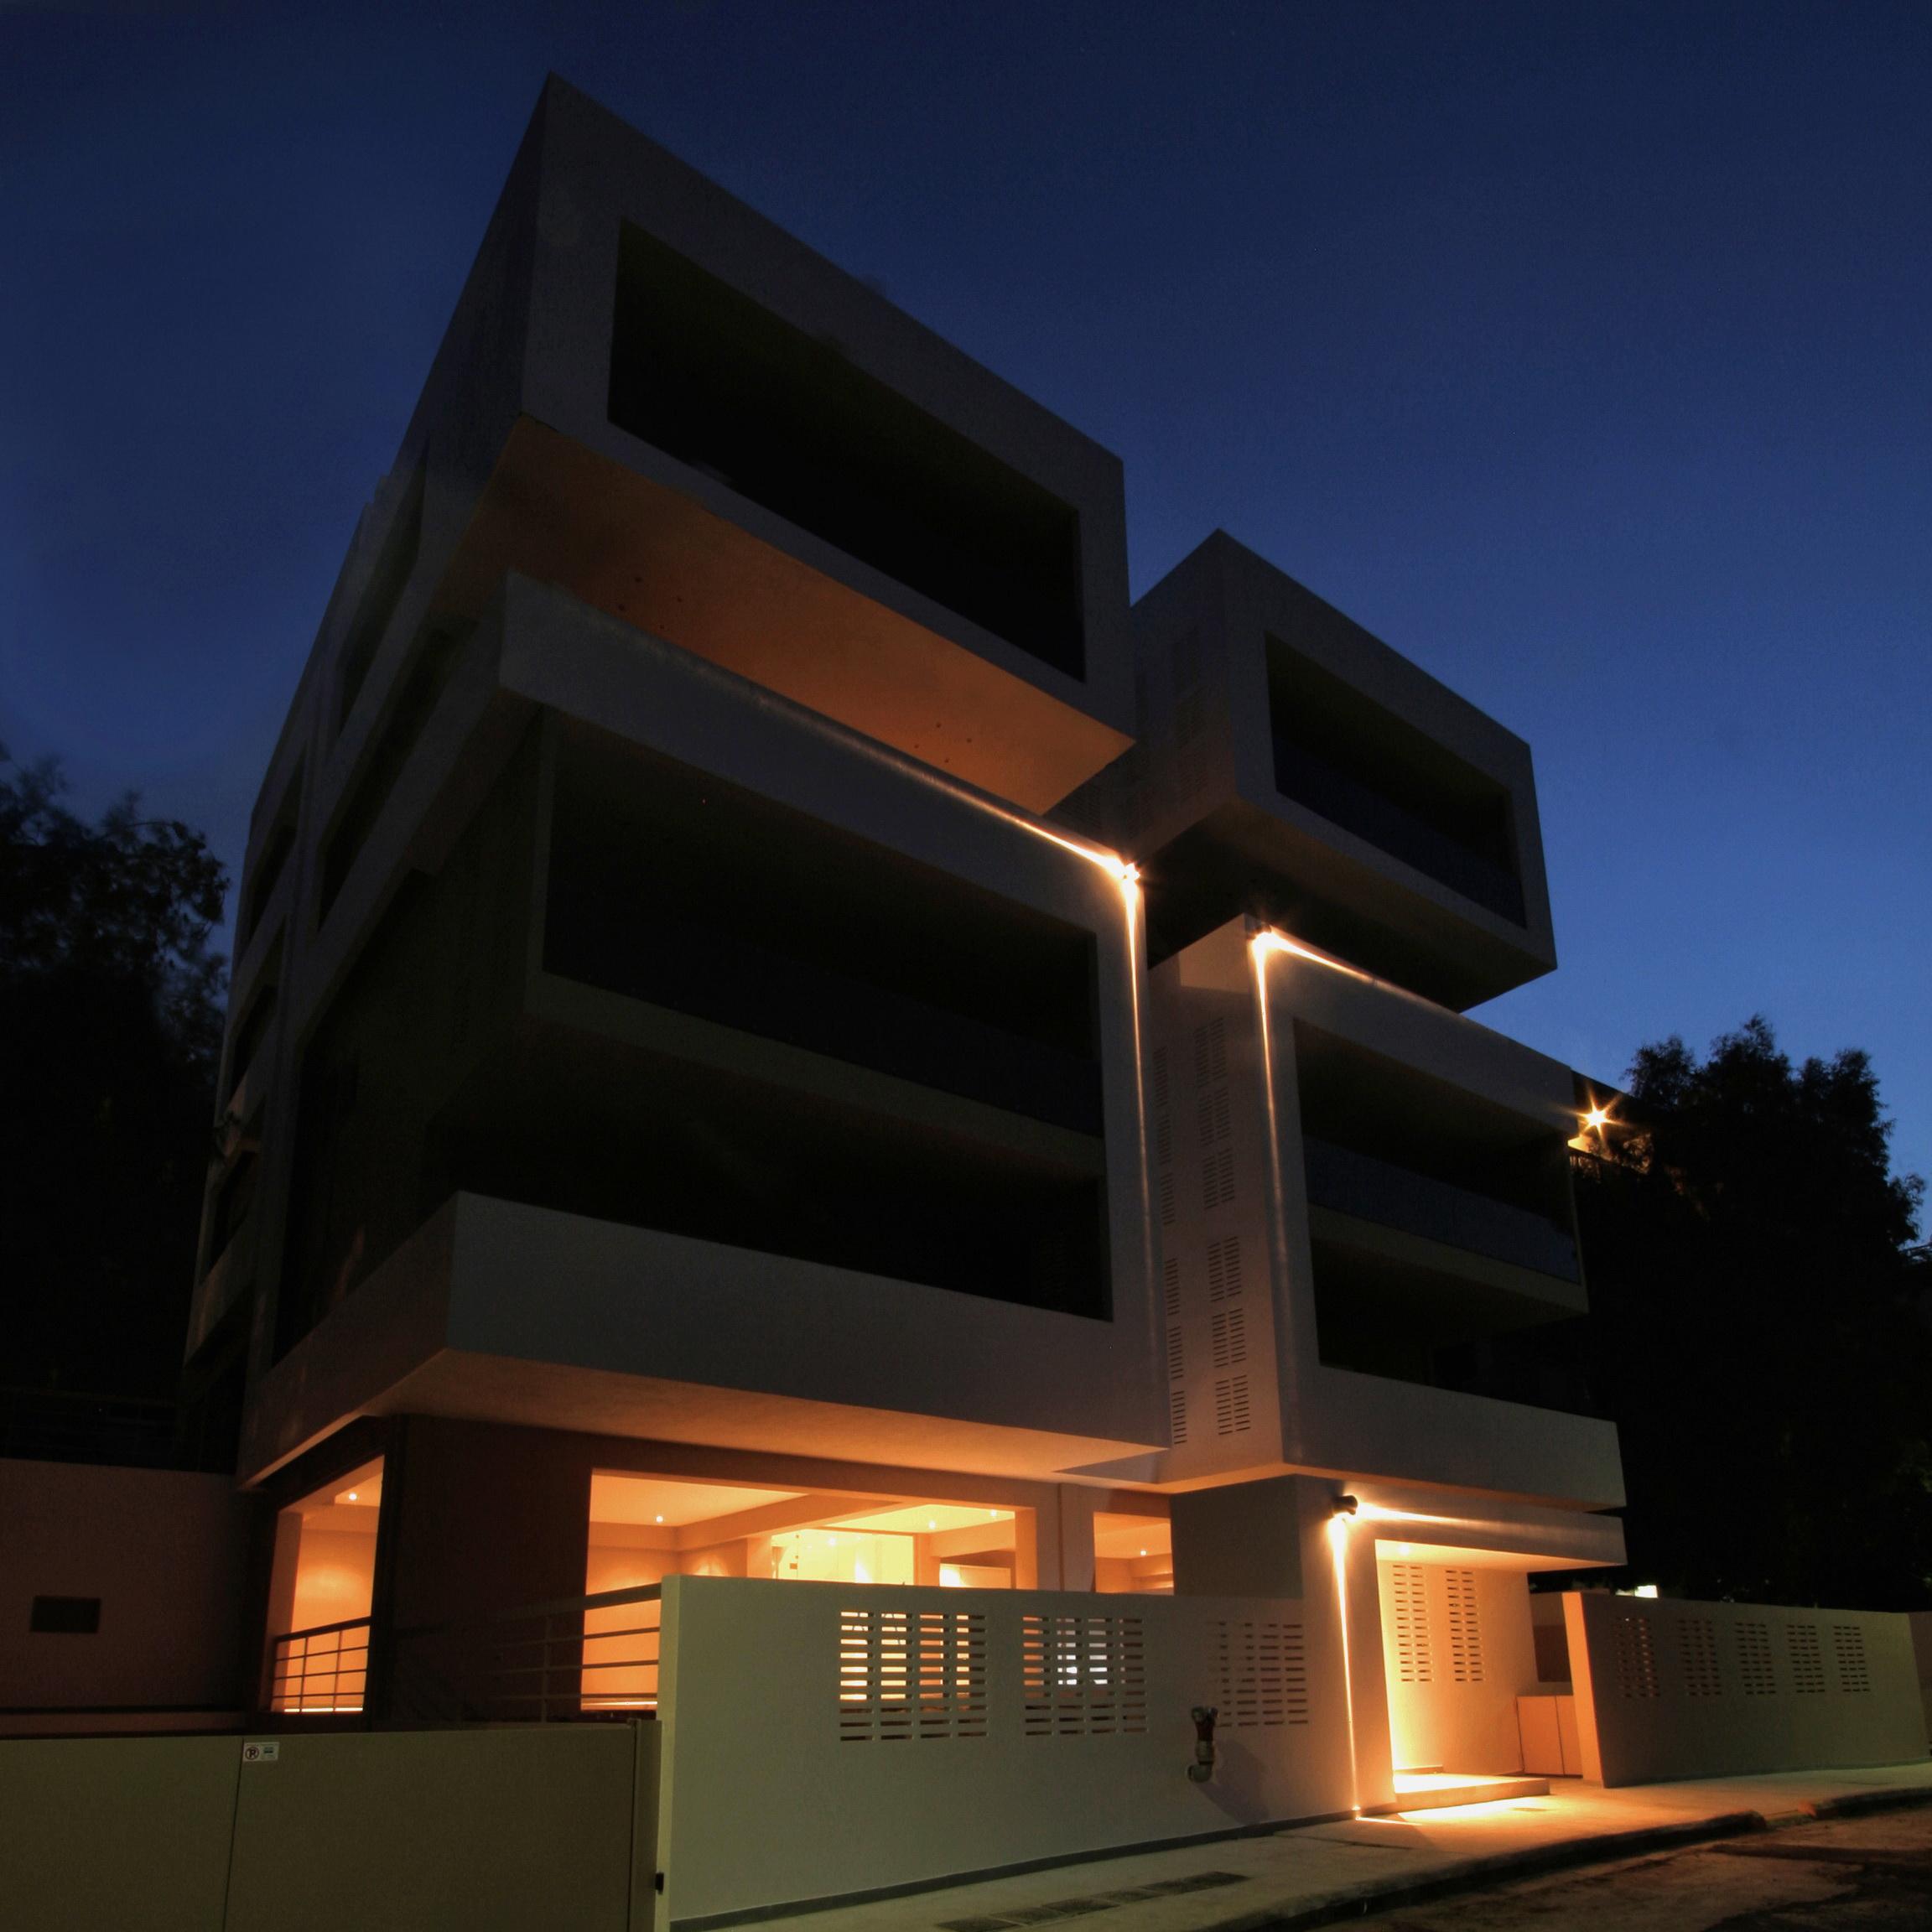 residential building in kareas 014.jpg